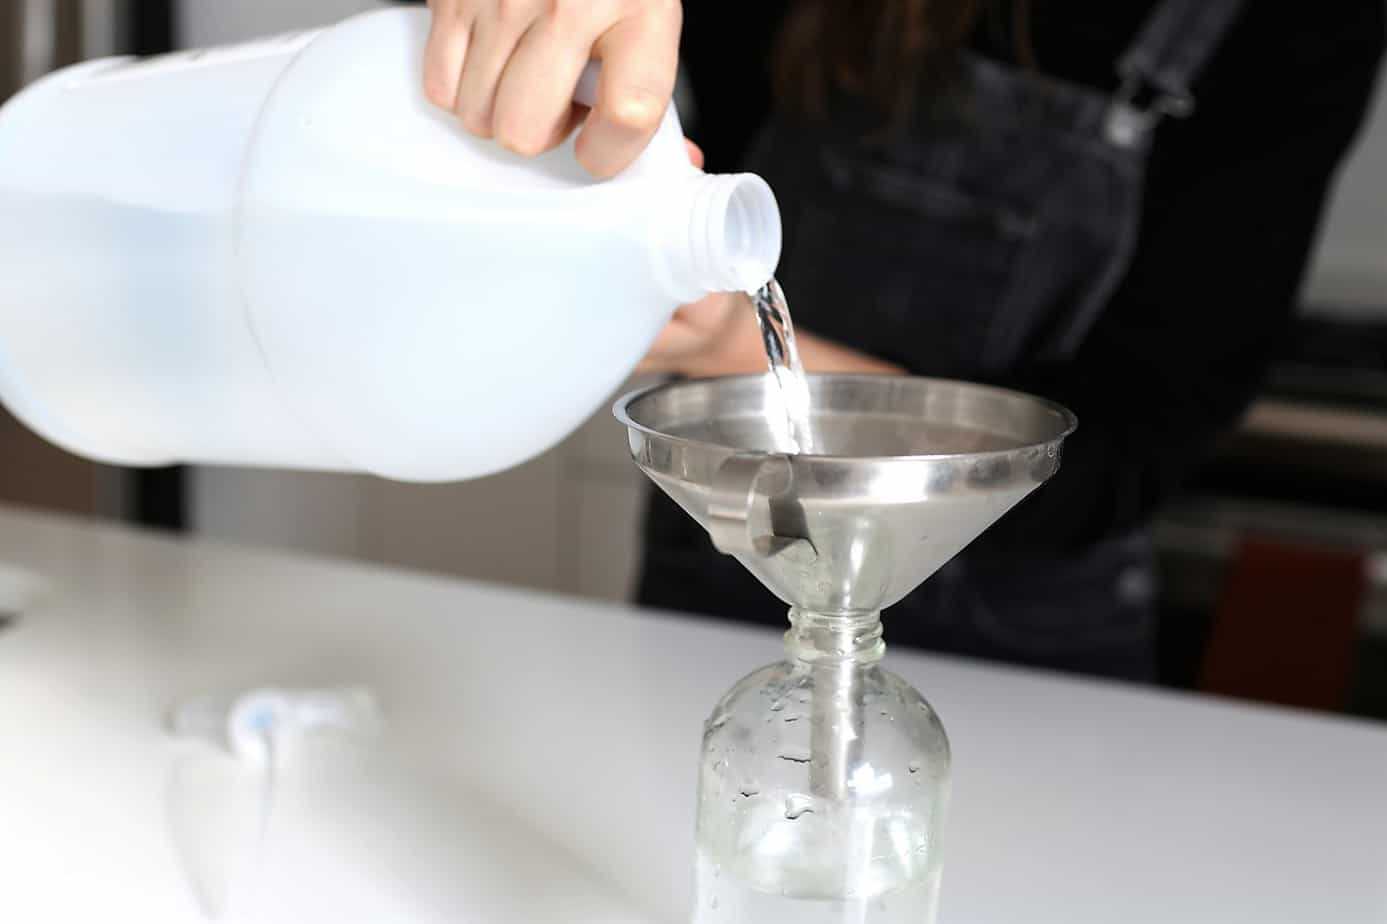 7-mejores-productos-de-limpieza-naturales-1